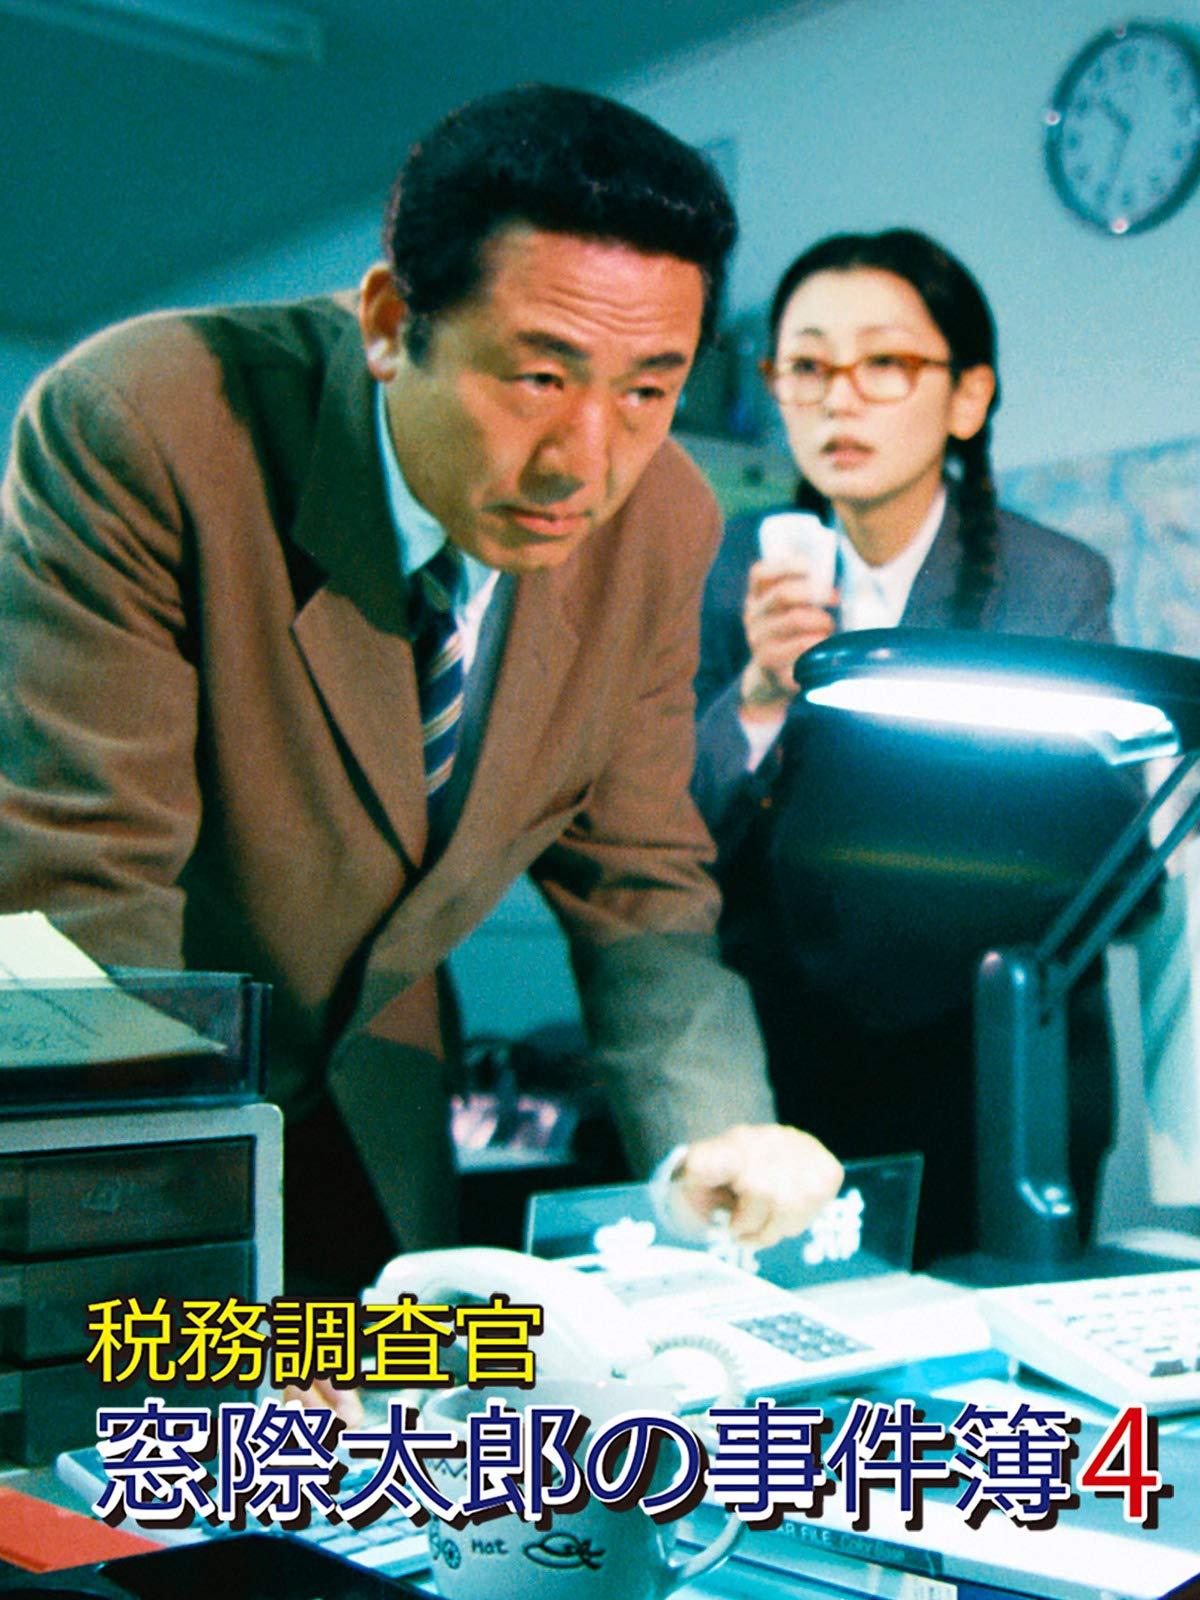 調査 官 窓際 事件 簿 太郎 の 税務